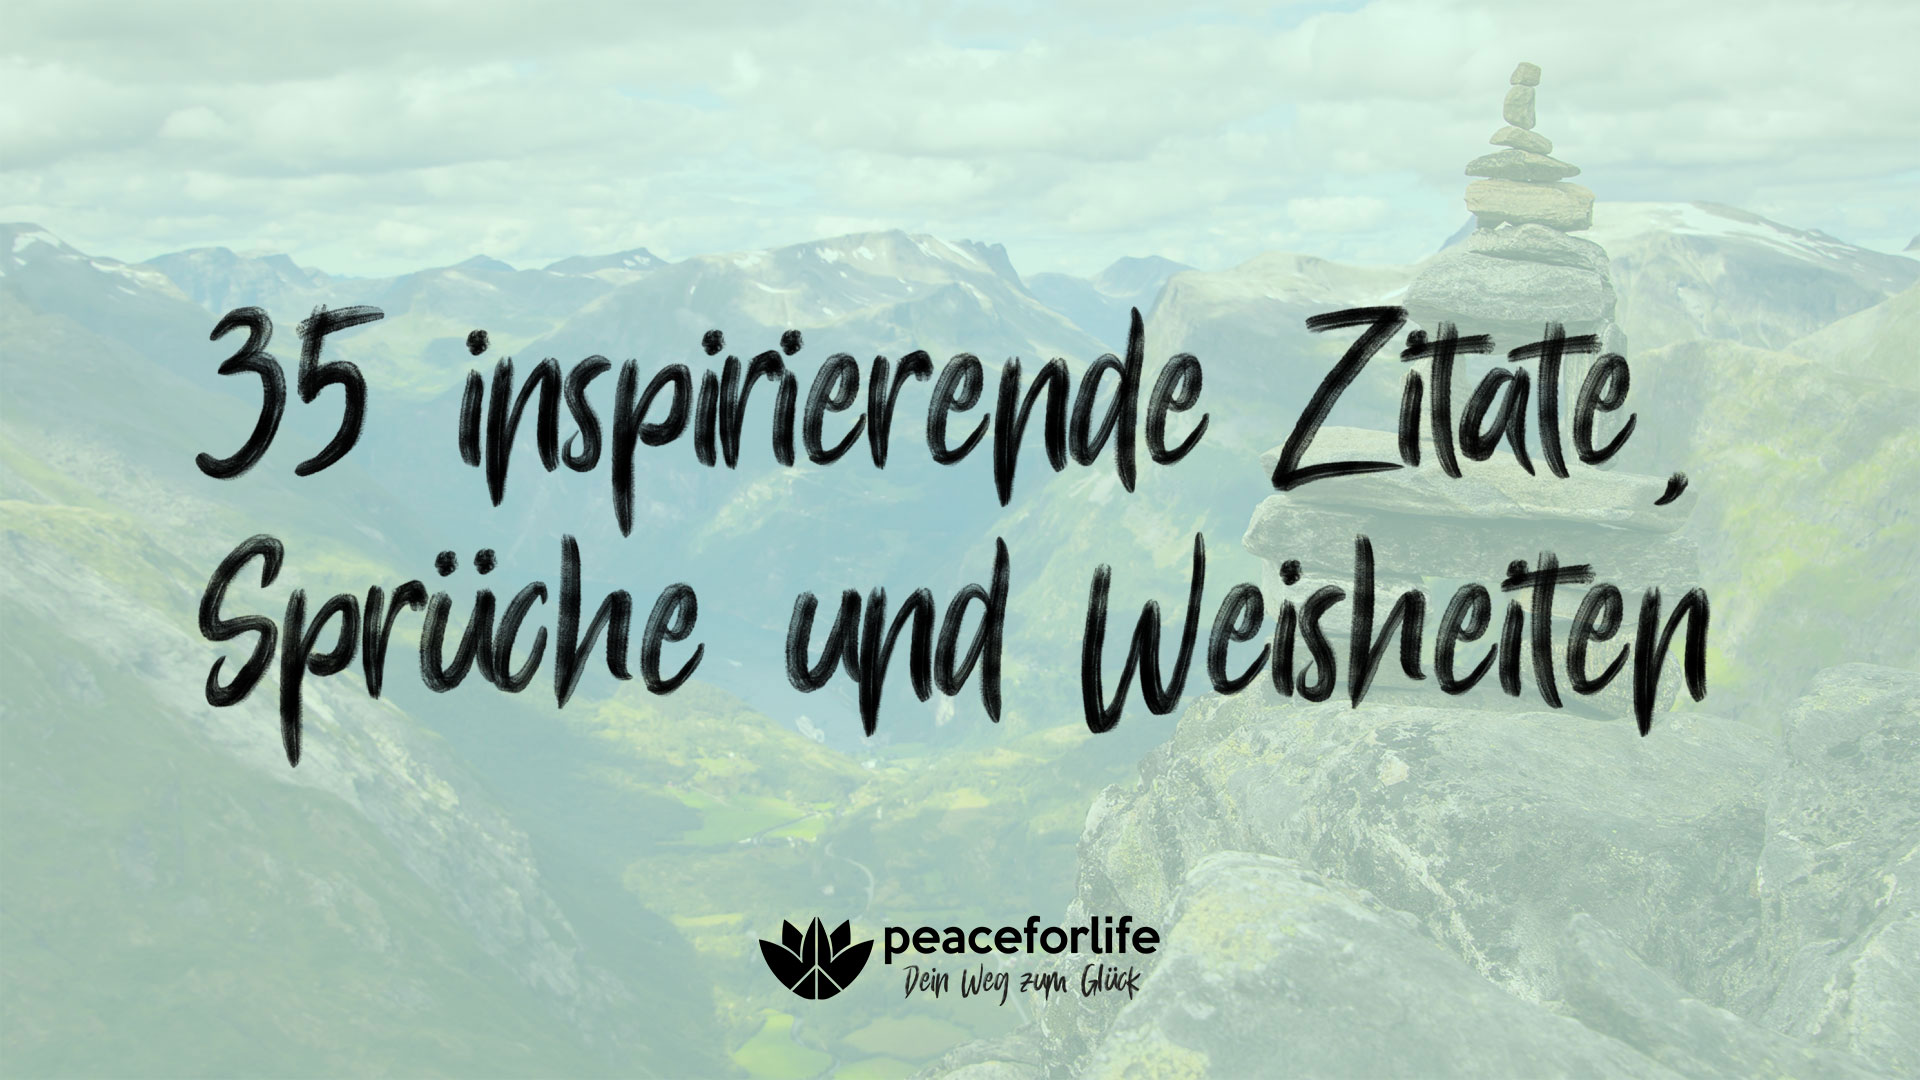 35 inspirierende Zitate, Sprüche und Weisheiten